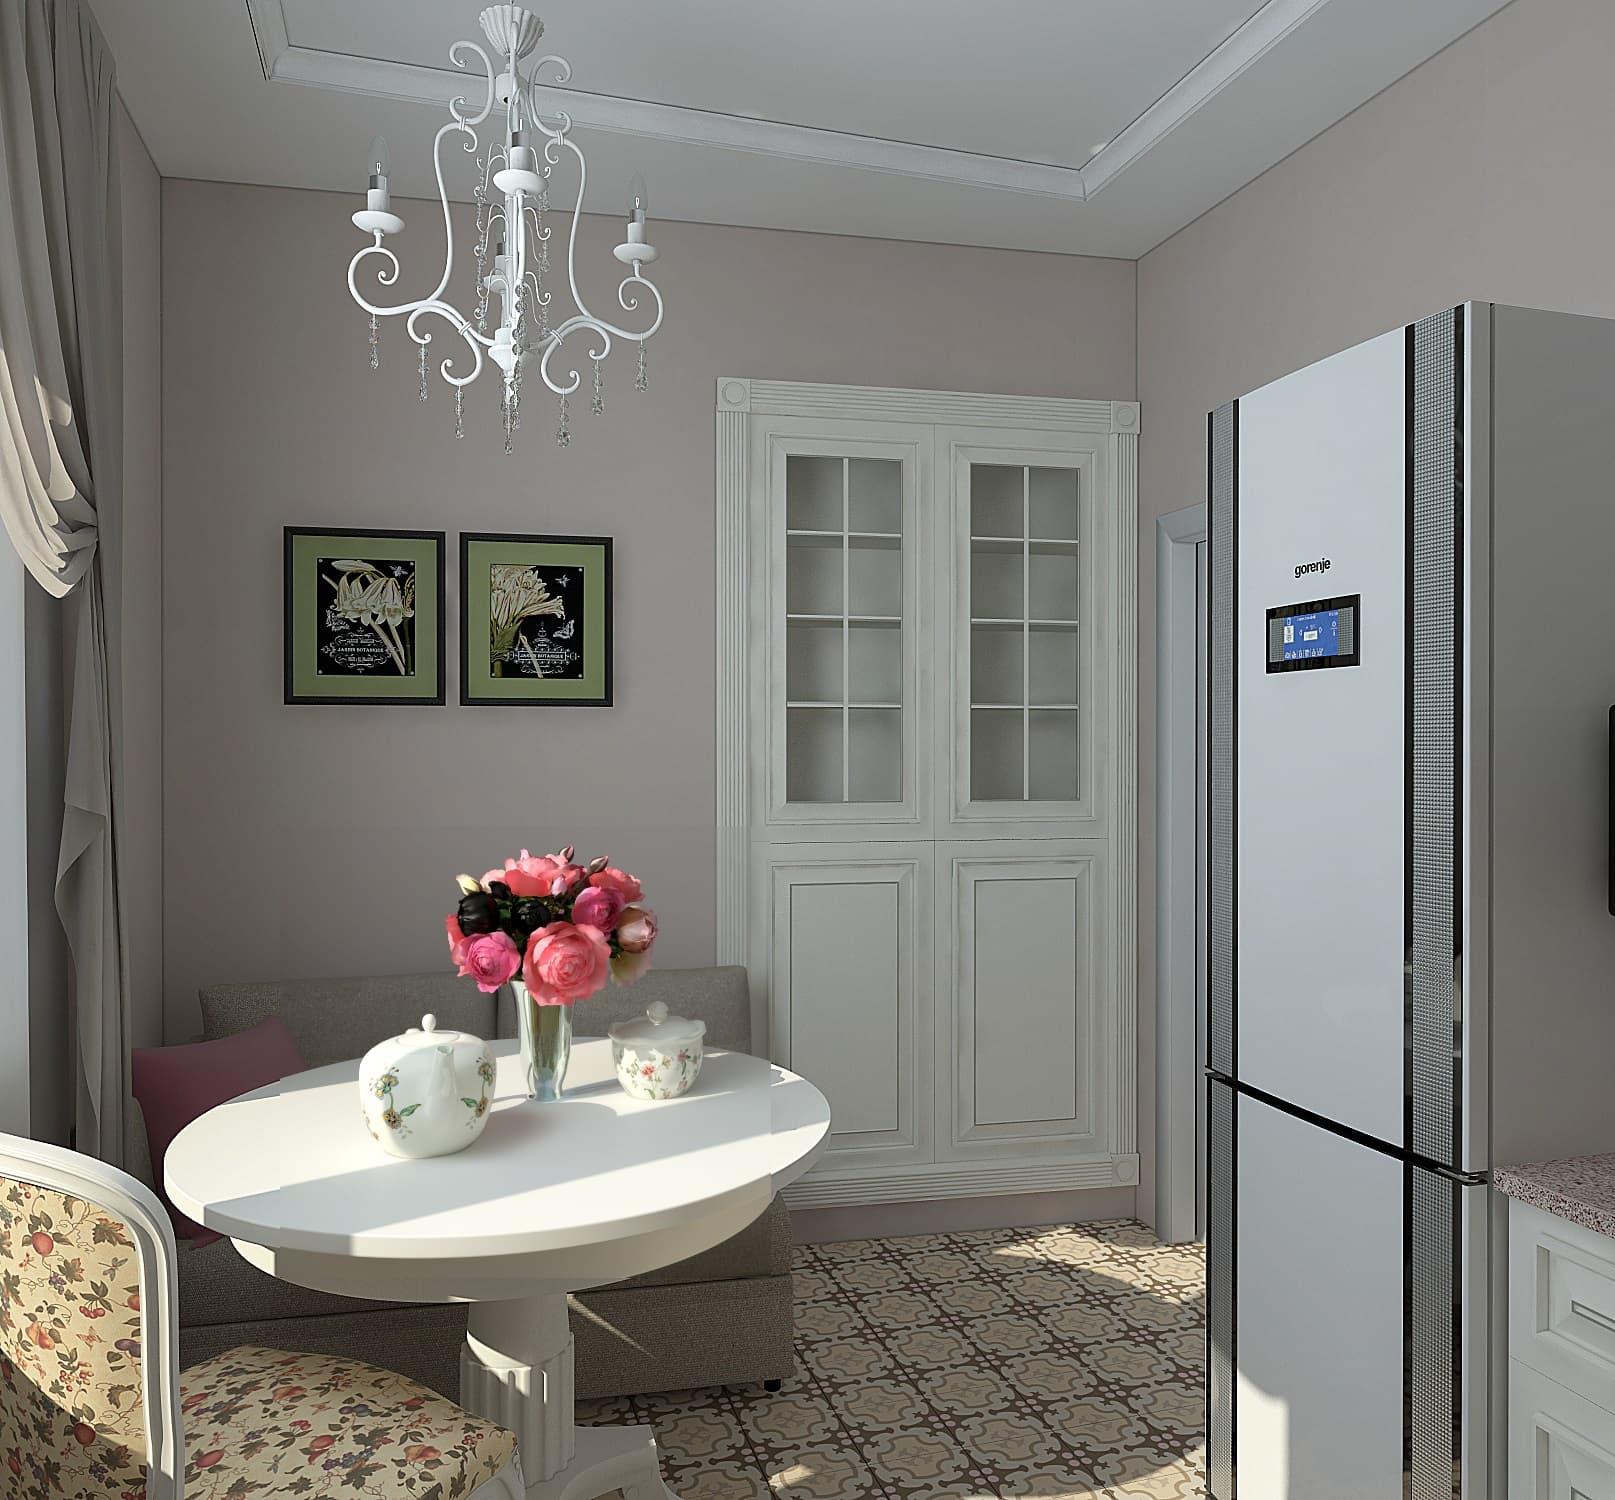 Дизайн-проект квартиры в ЖК Спасский мост, Красногосрк